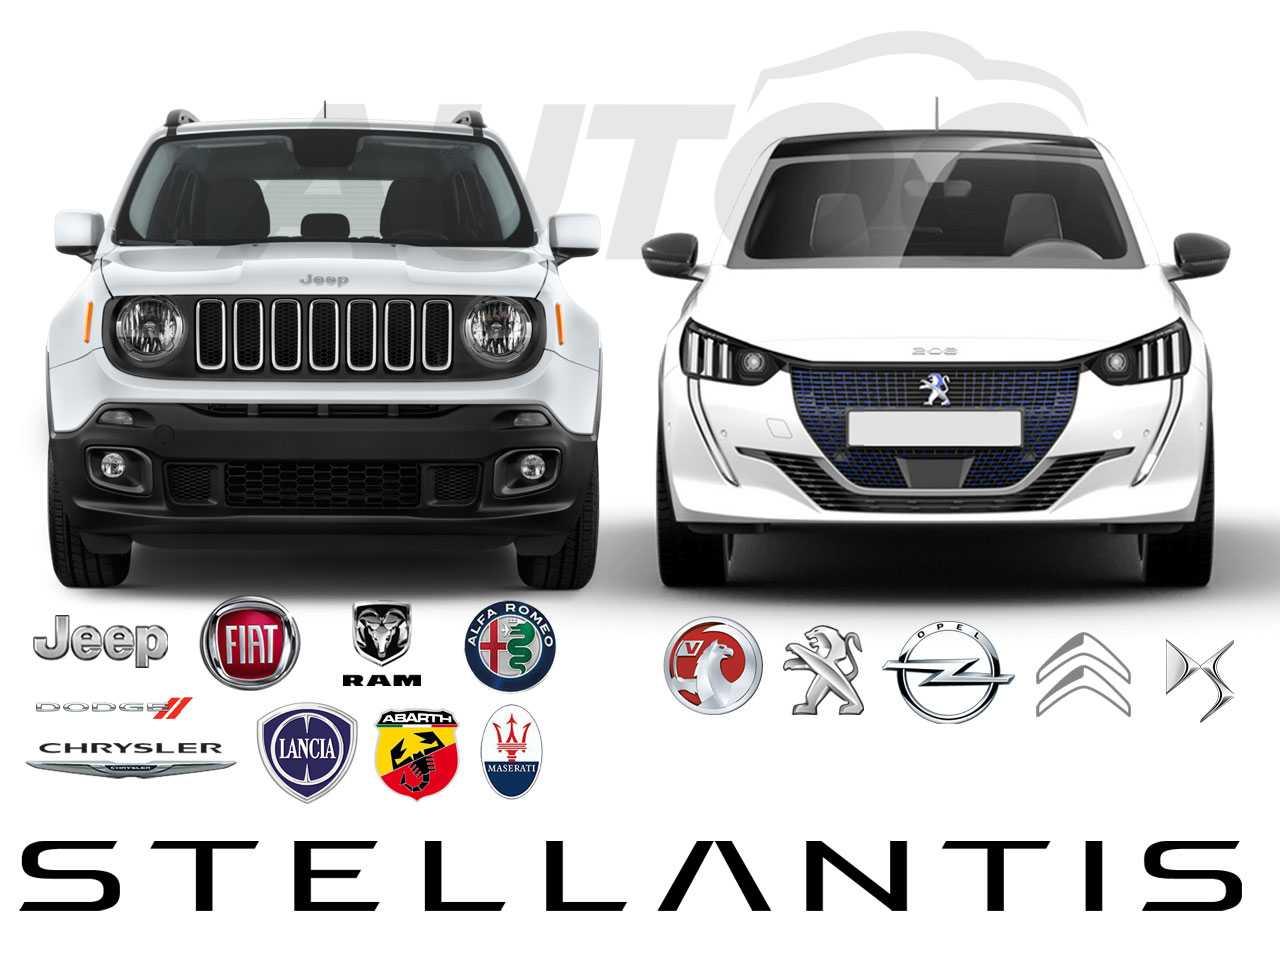 As marcas que ficarão sob controle da Stellantis, fusão da PSA e FCA